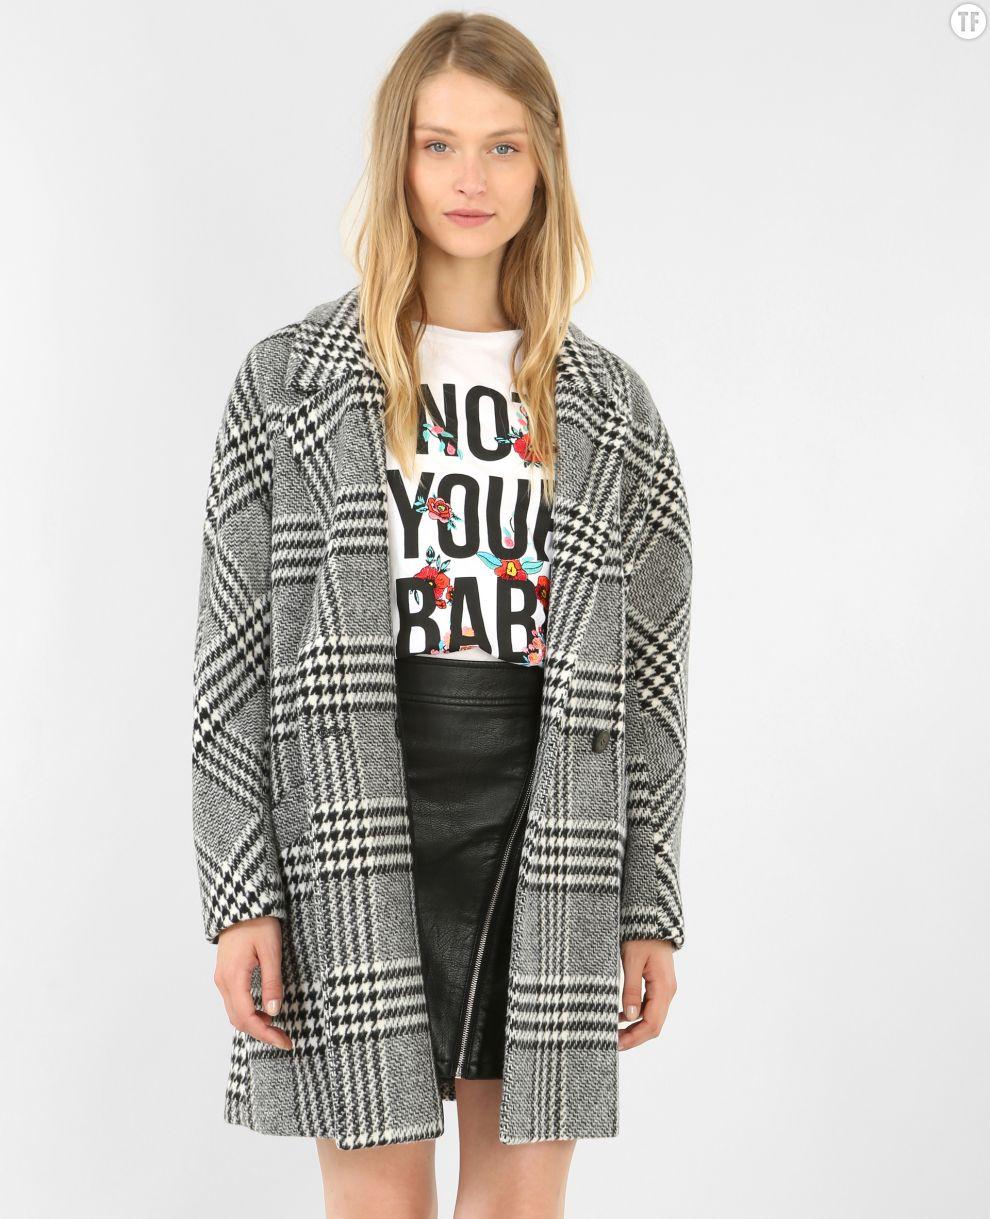 Manteau à carreaux oversized Pimkie, 79,99€